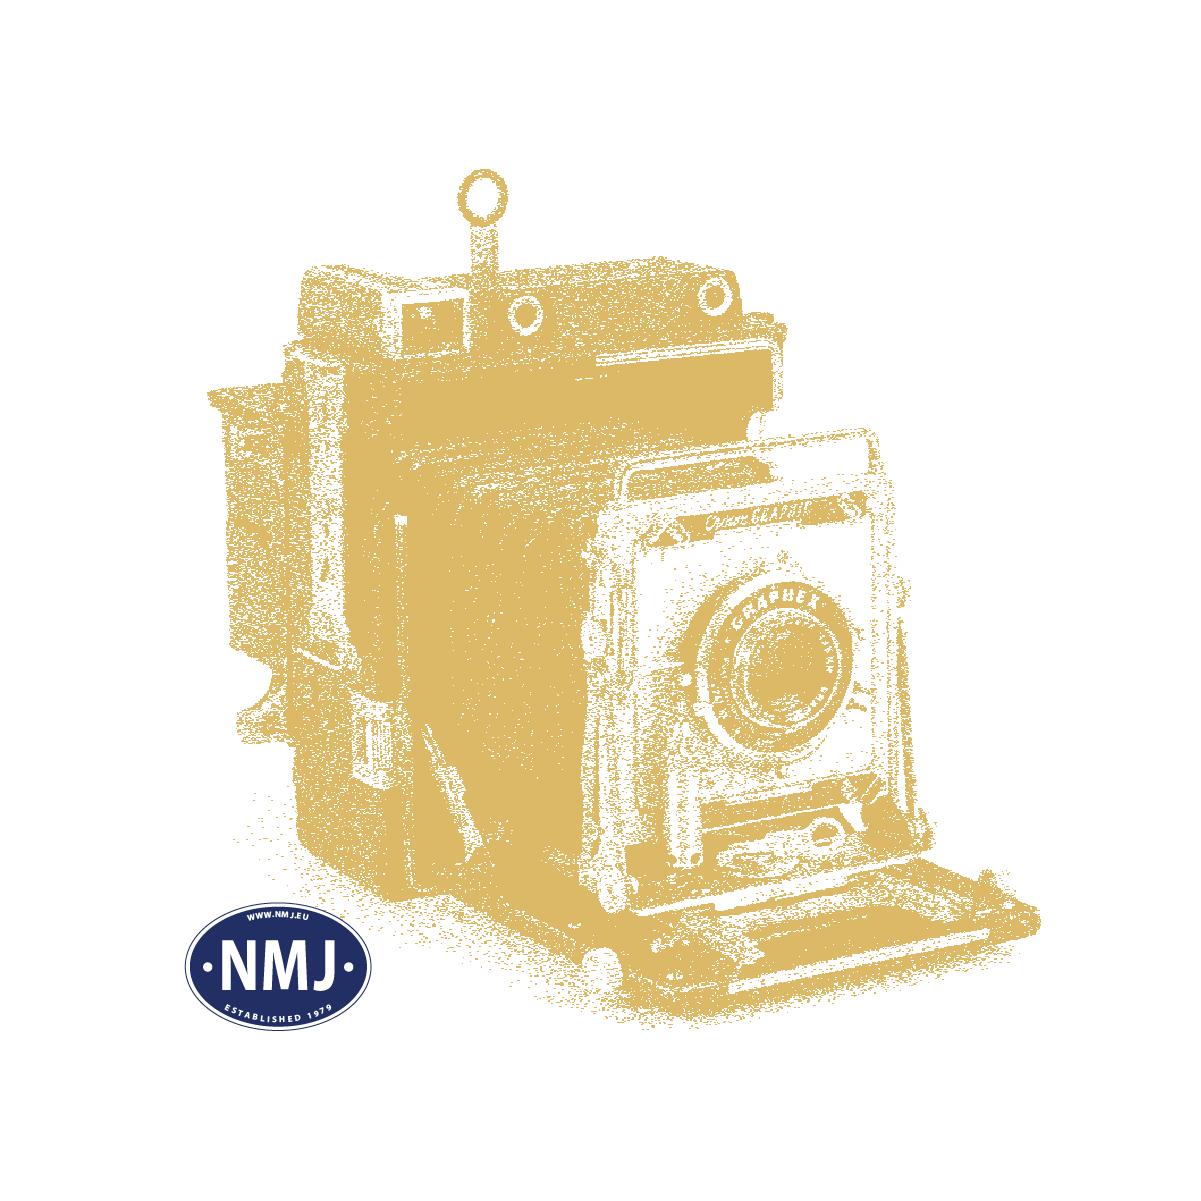 NMJH15120 - Norwegische Garage, Braun / Weiß, H0 Fertigmodell